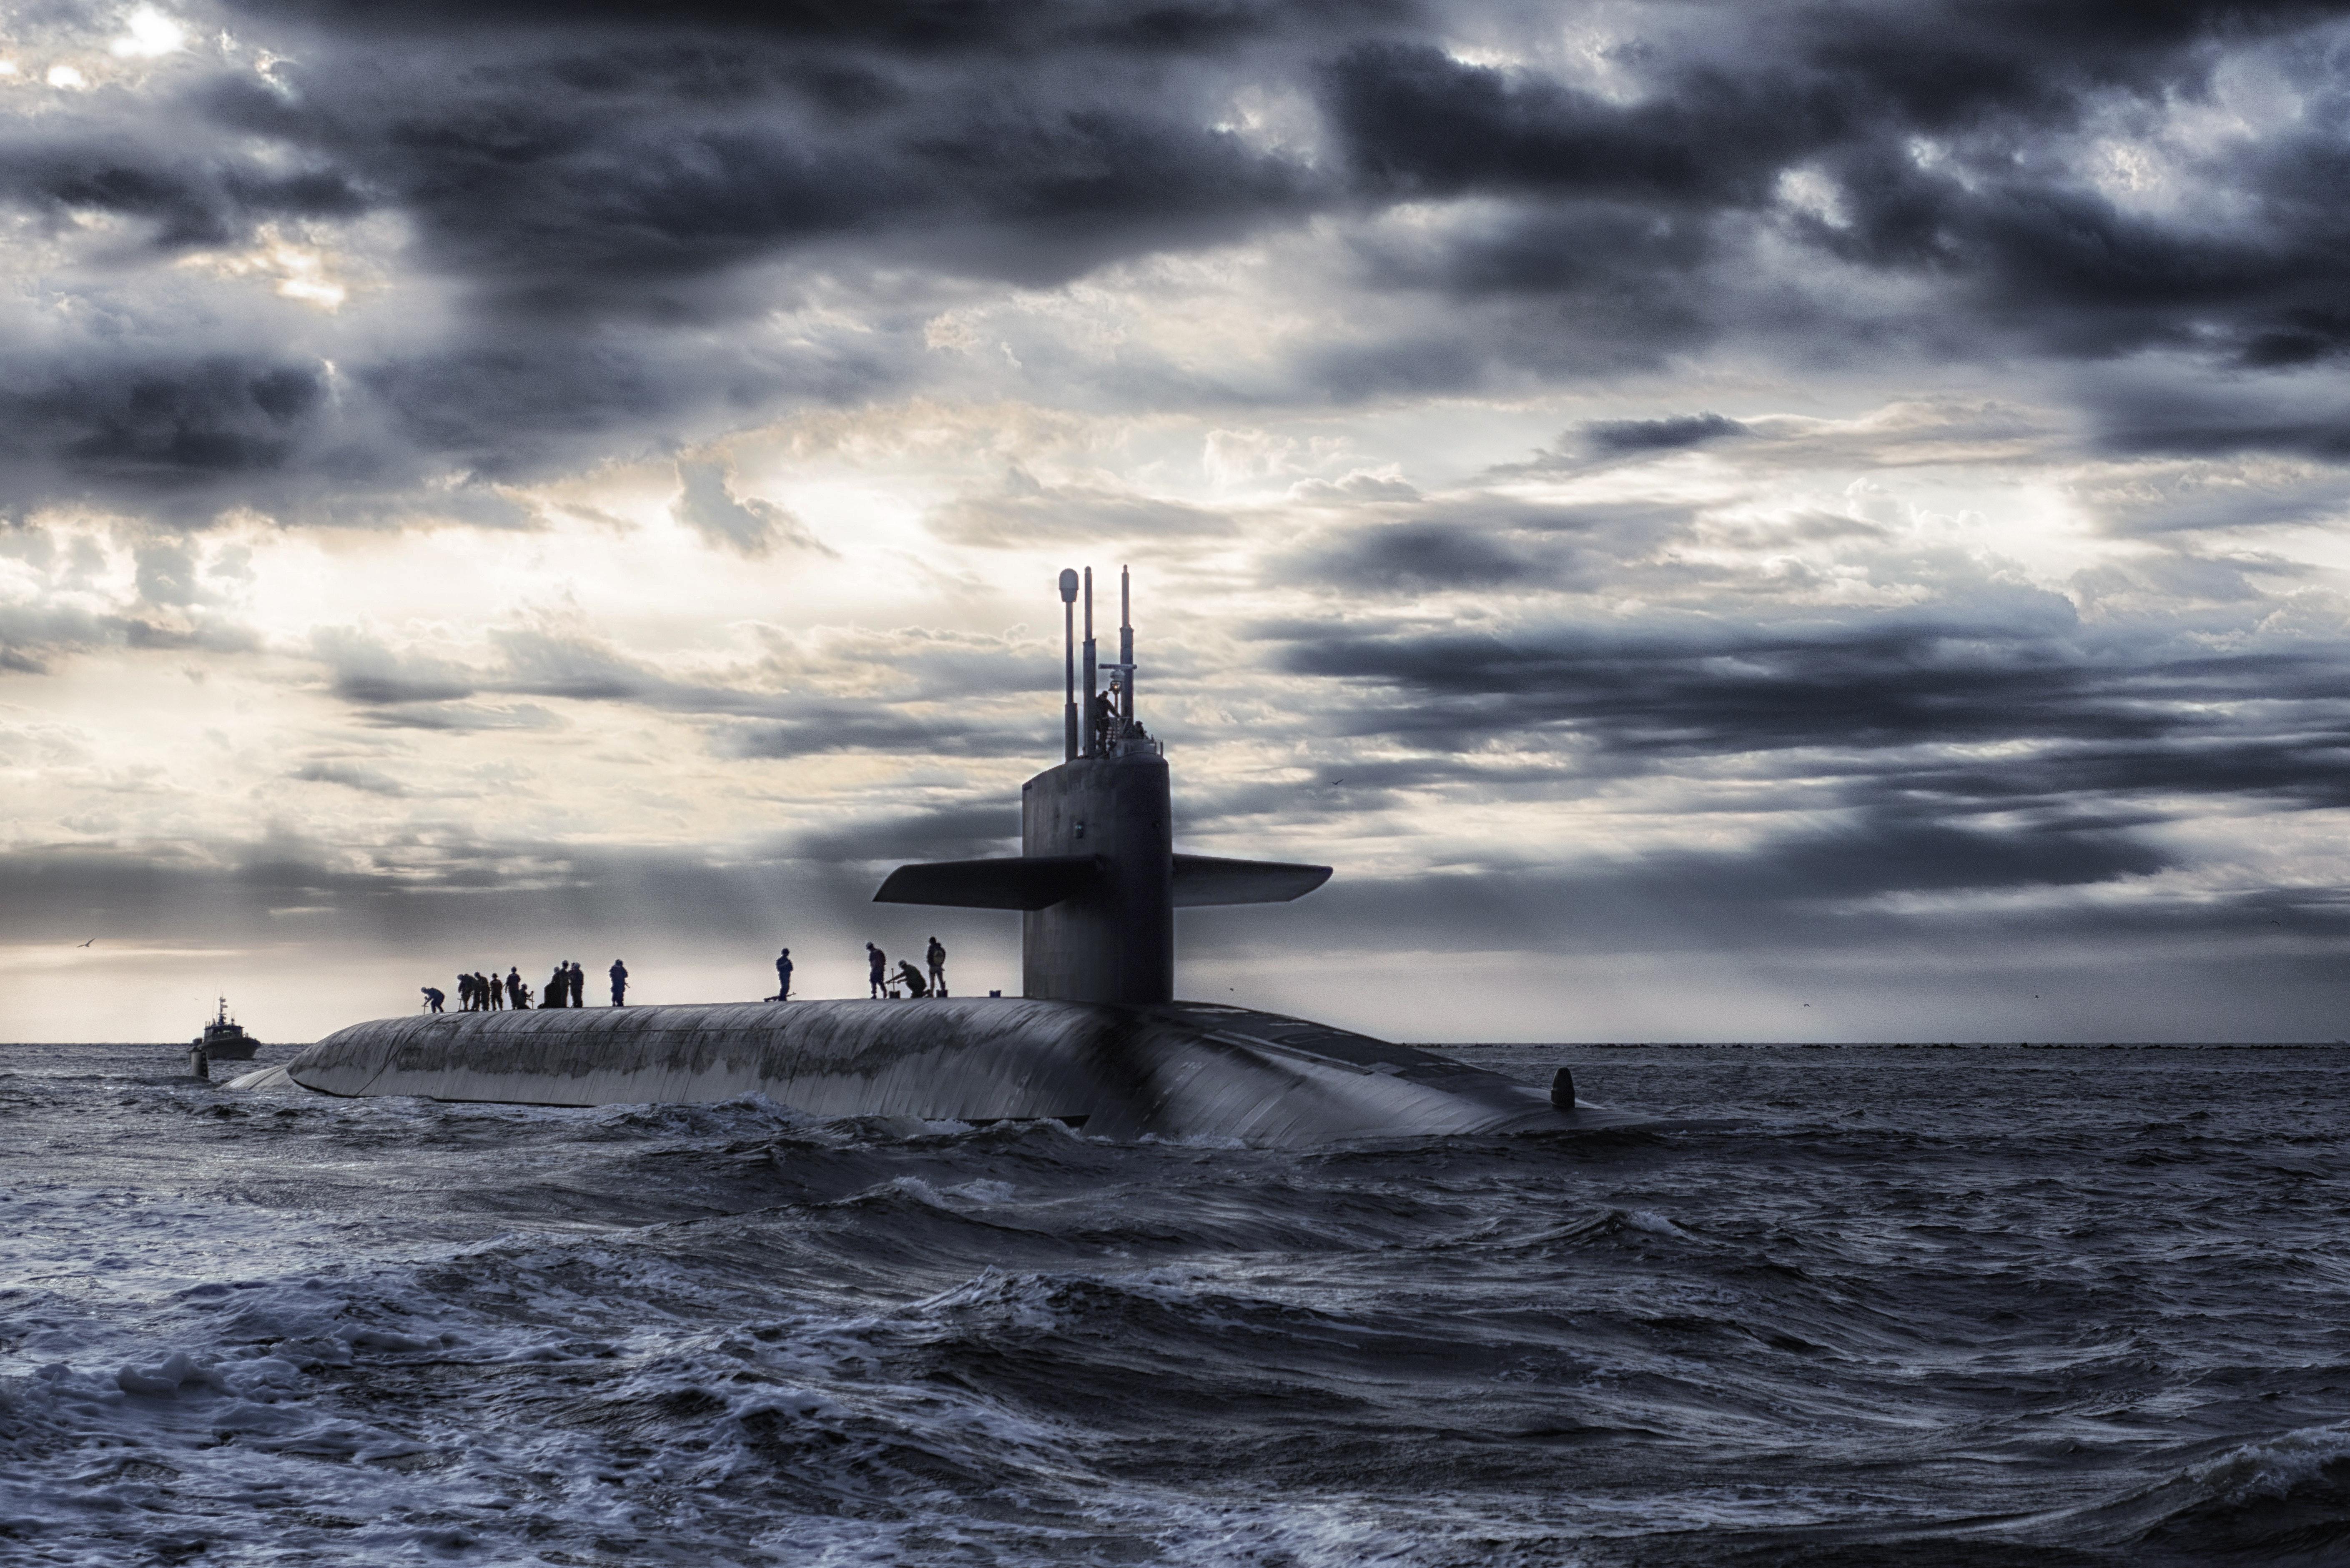 Submarine Pic from pexels.com